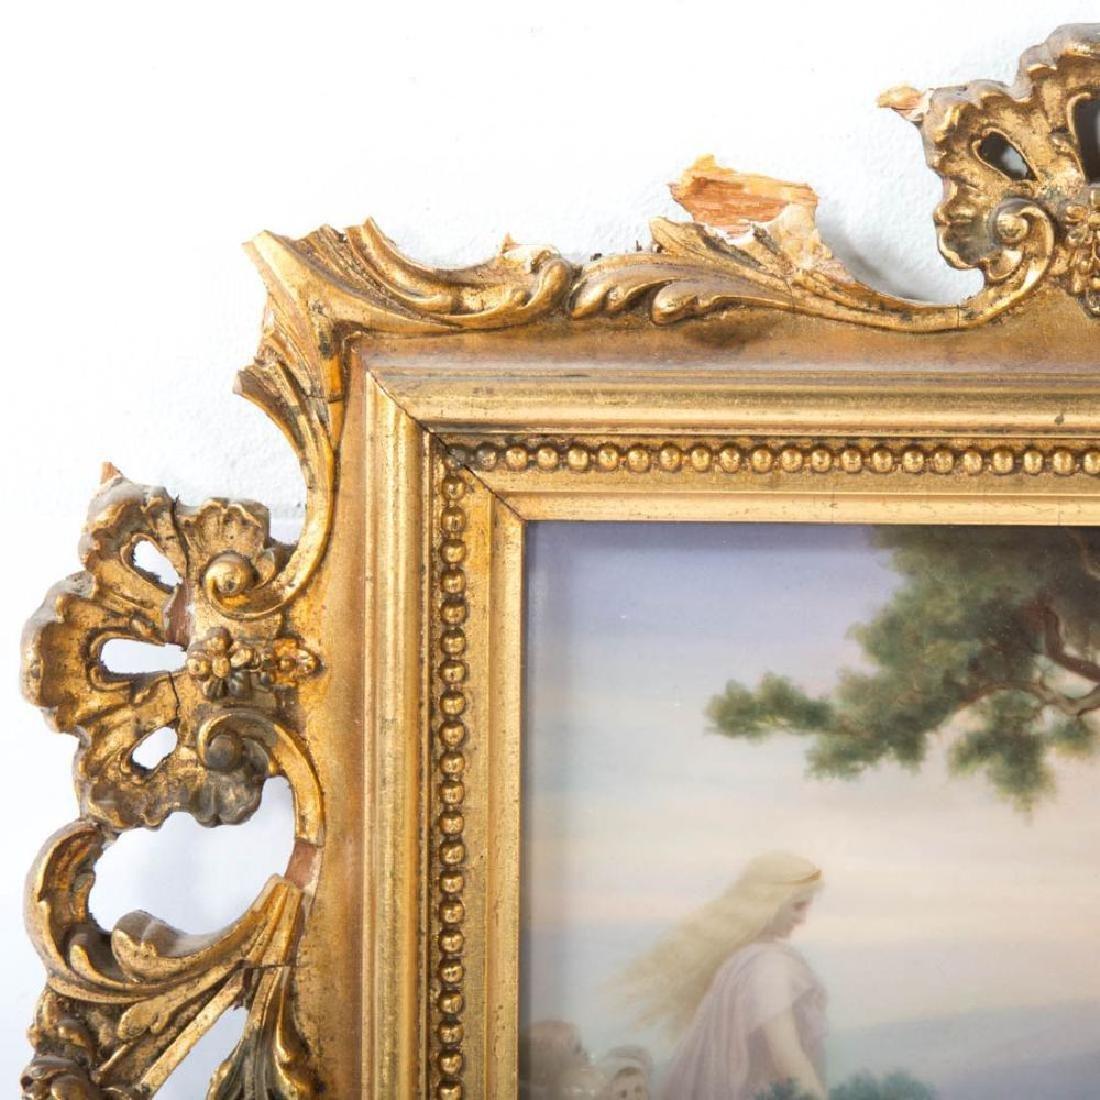 19Th Century Kpm Porcelain Plaque - 4